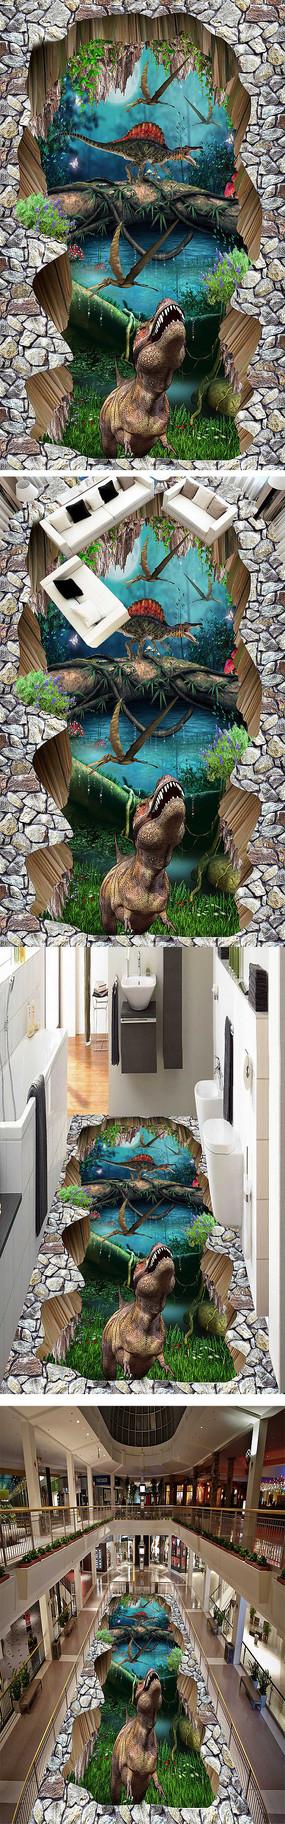 恐龙3D立体地画